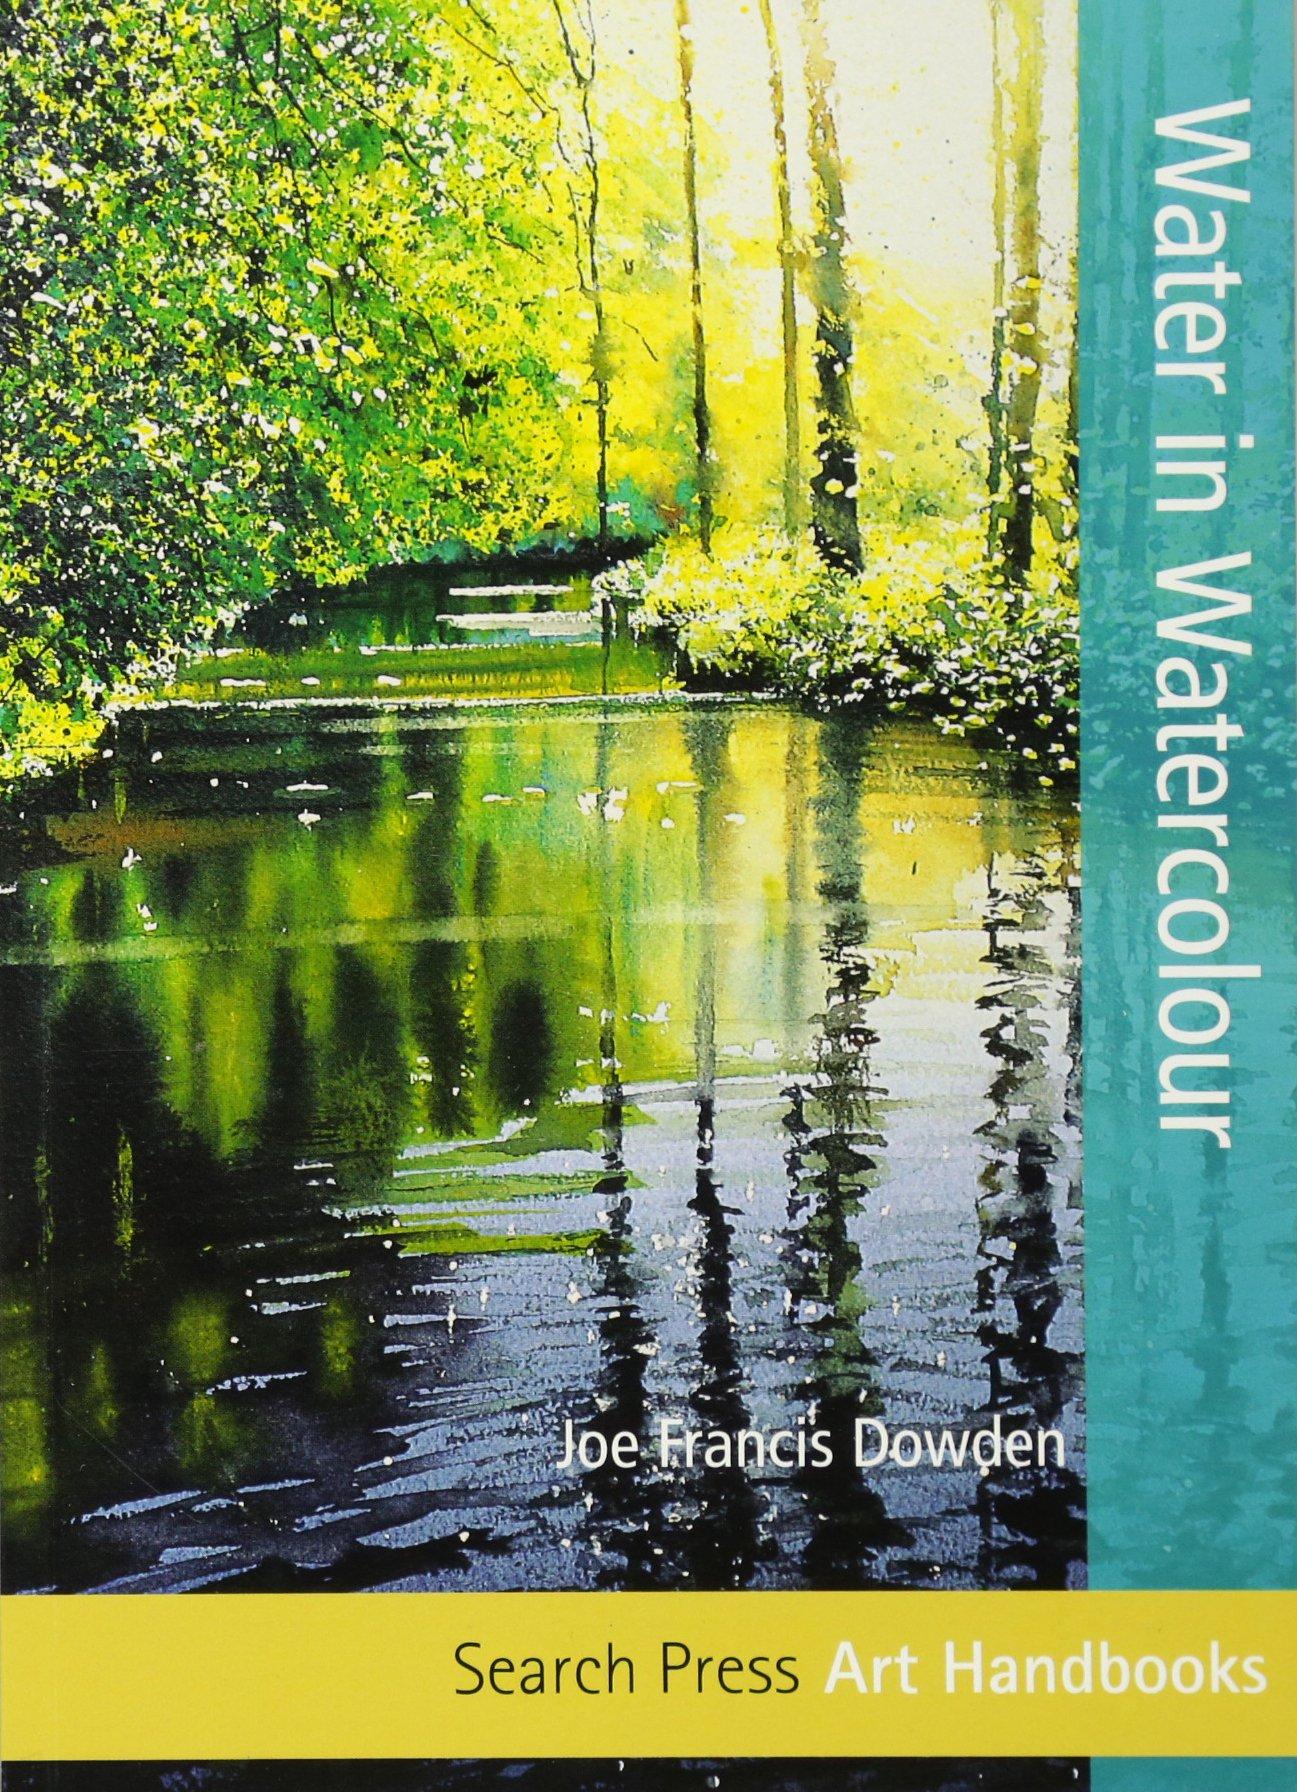 Watercolor books by search press - Water In Watercolour Art Handbooks Joe Francis Dowden 9781844488919 Amazon Com Books